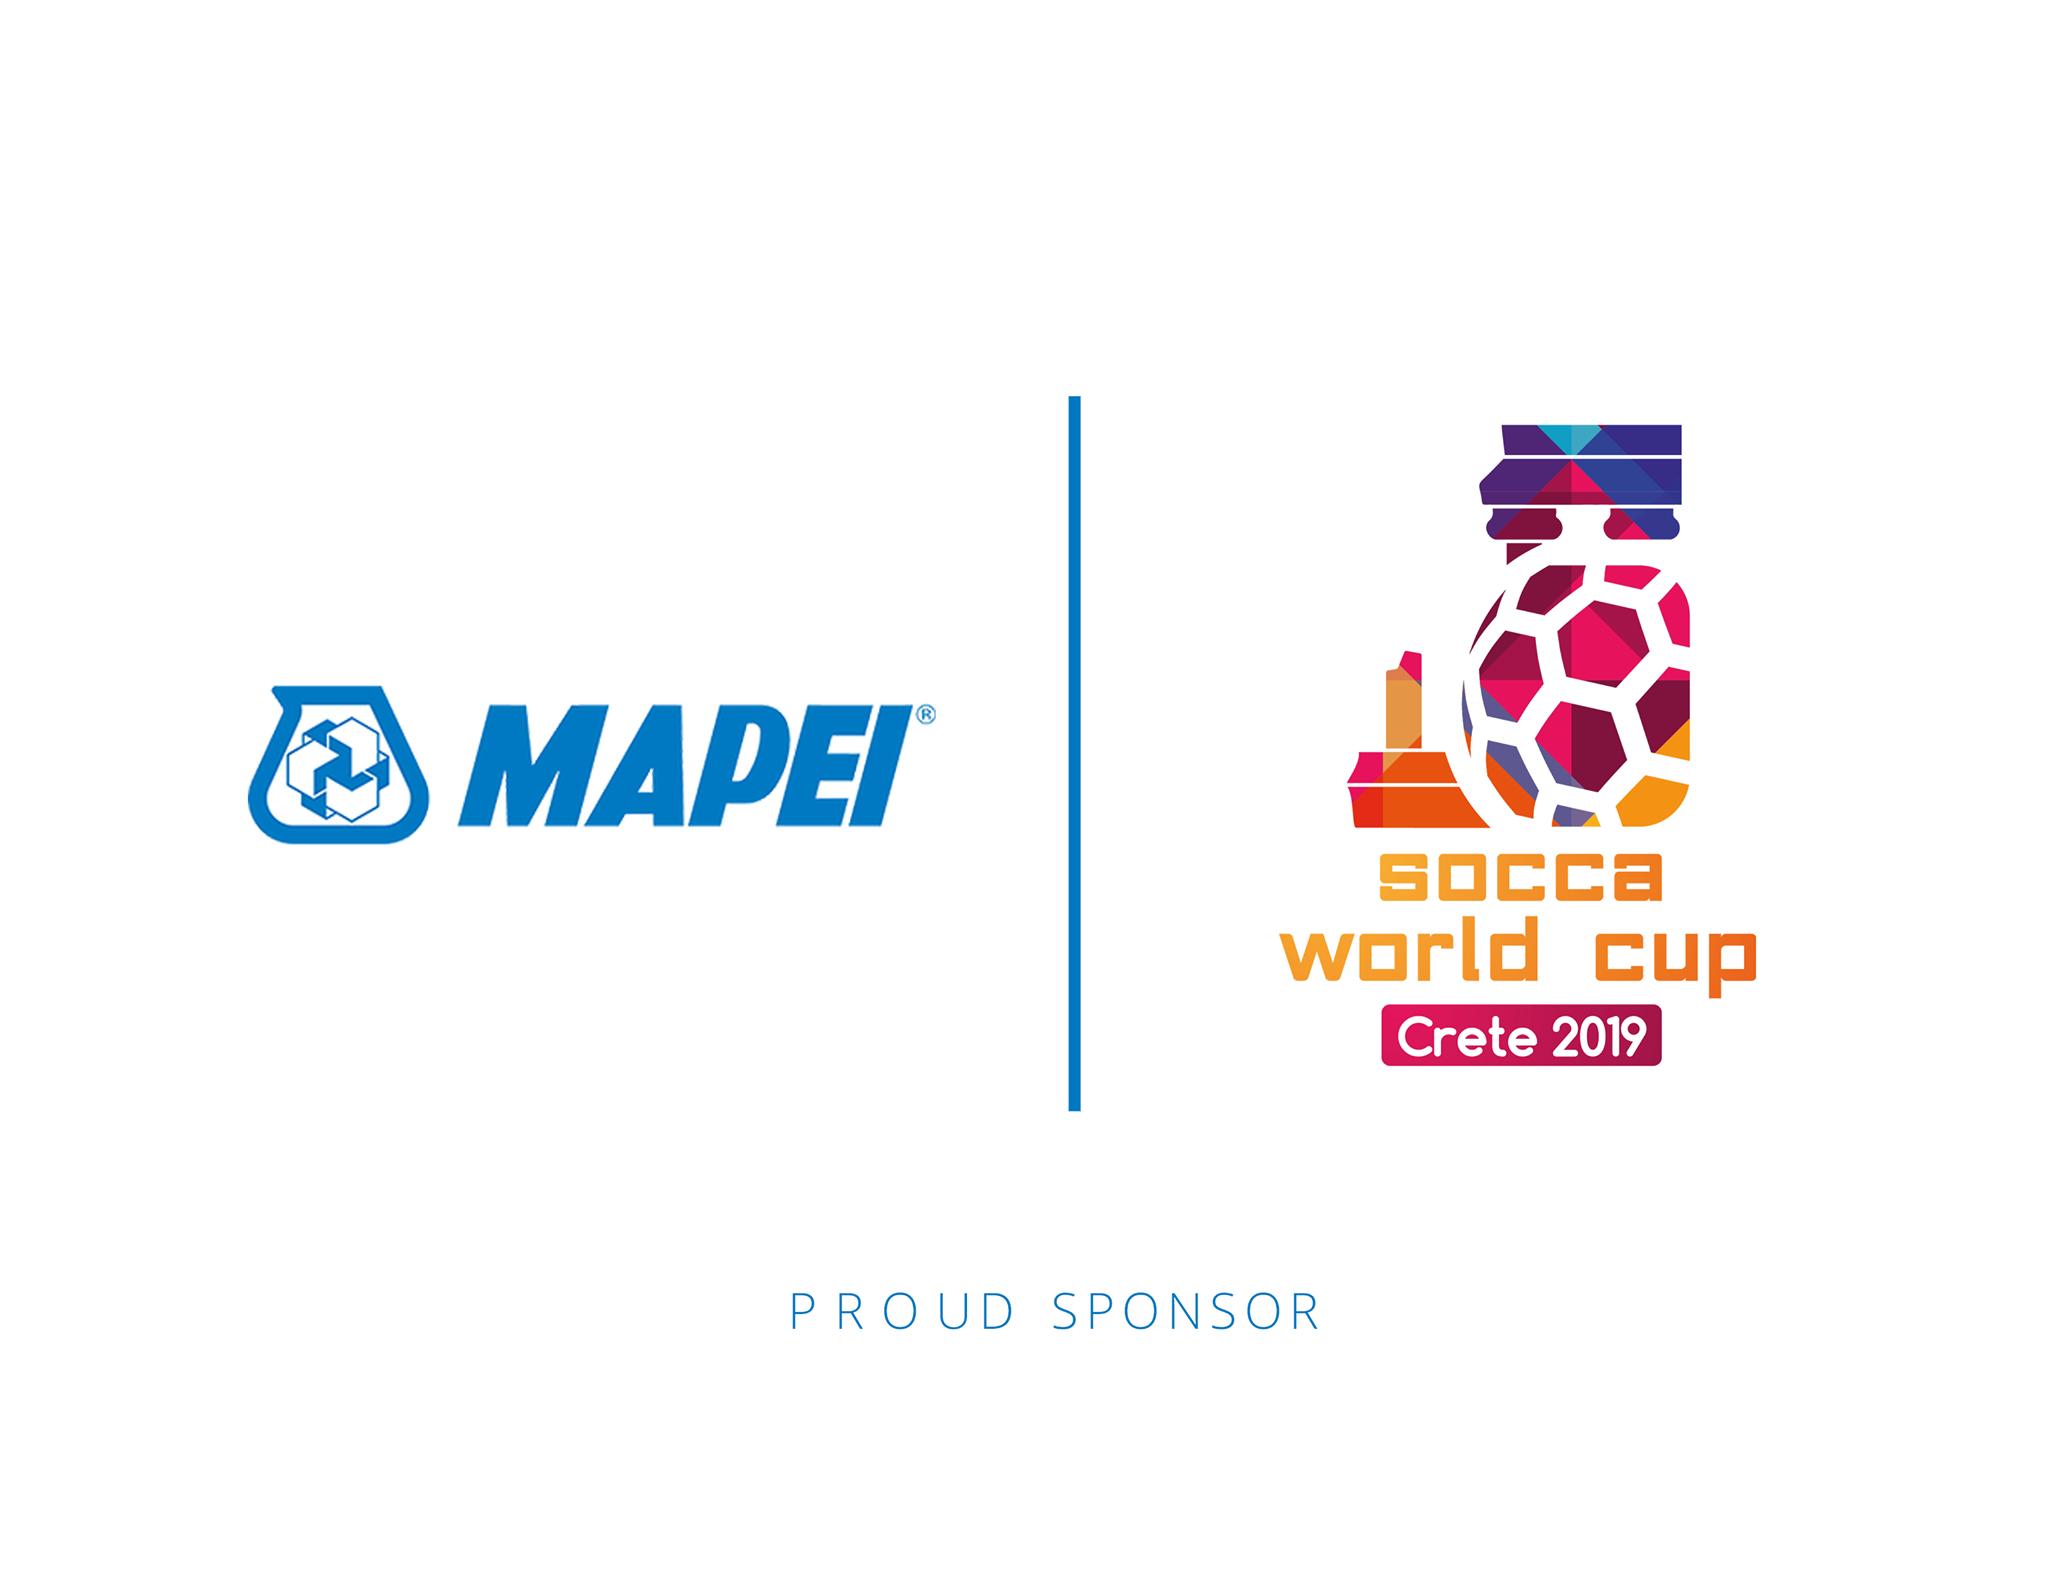 Η Mapei Hellas υπερήφανος χορηγός του Socca World Cup, Crete 2019!